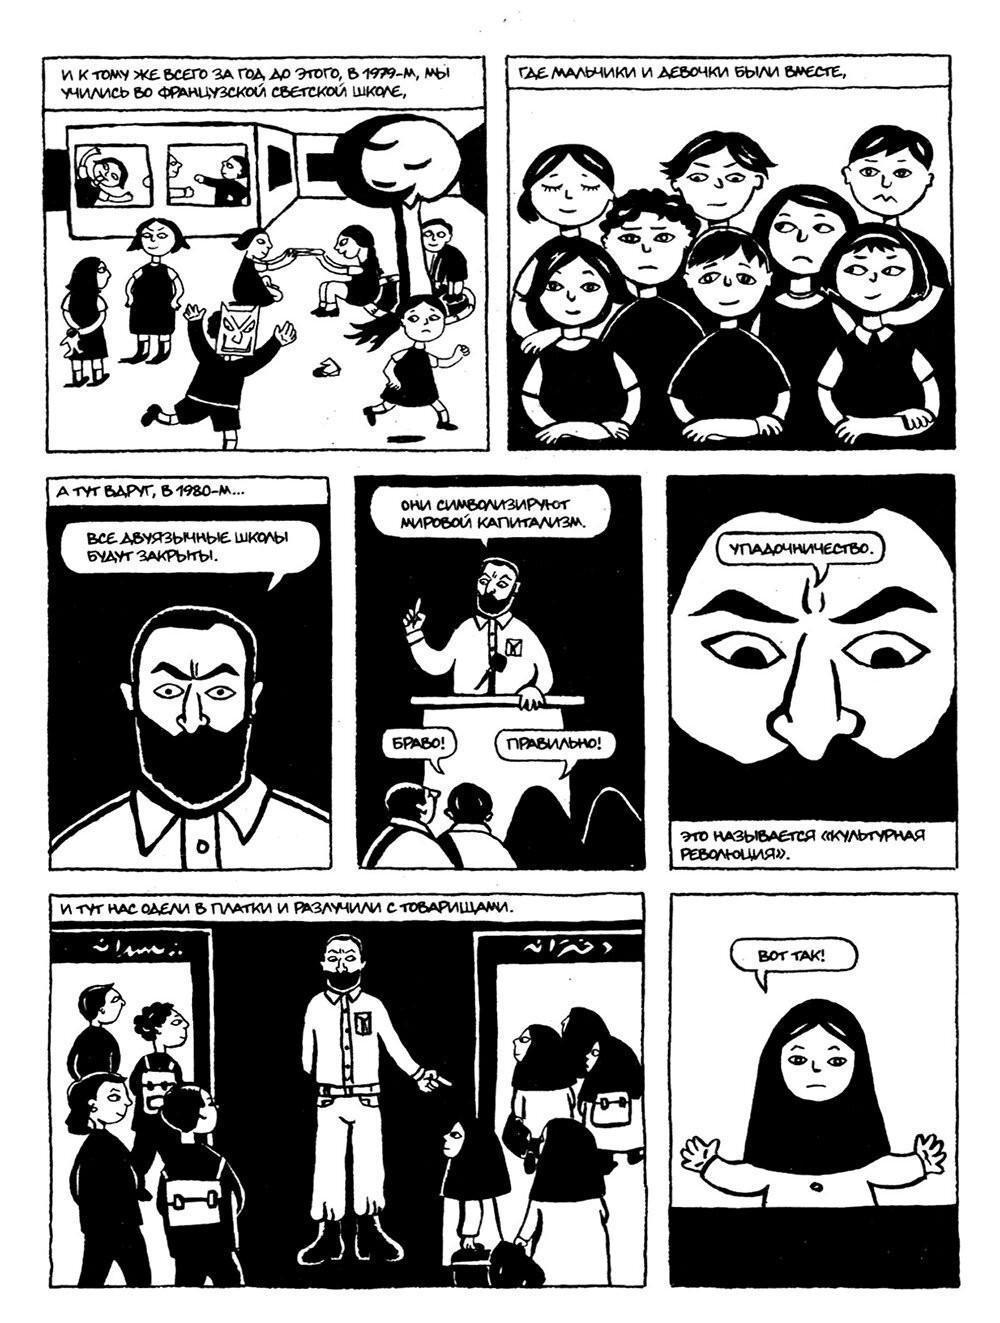 Исторический комикс Персеполис, Маржан Сатрапи. Том 1. Страница 3. Блог о комиксах Vaes Okshn